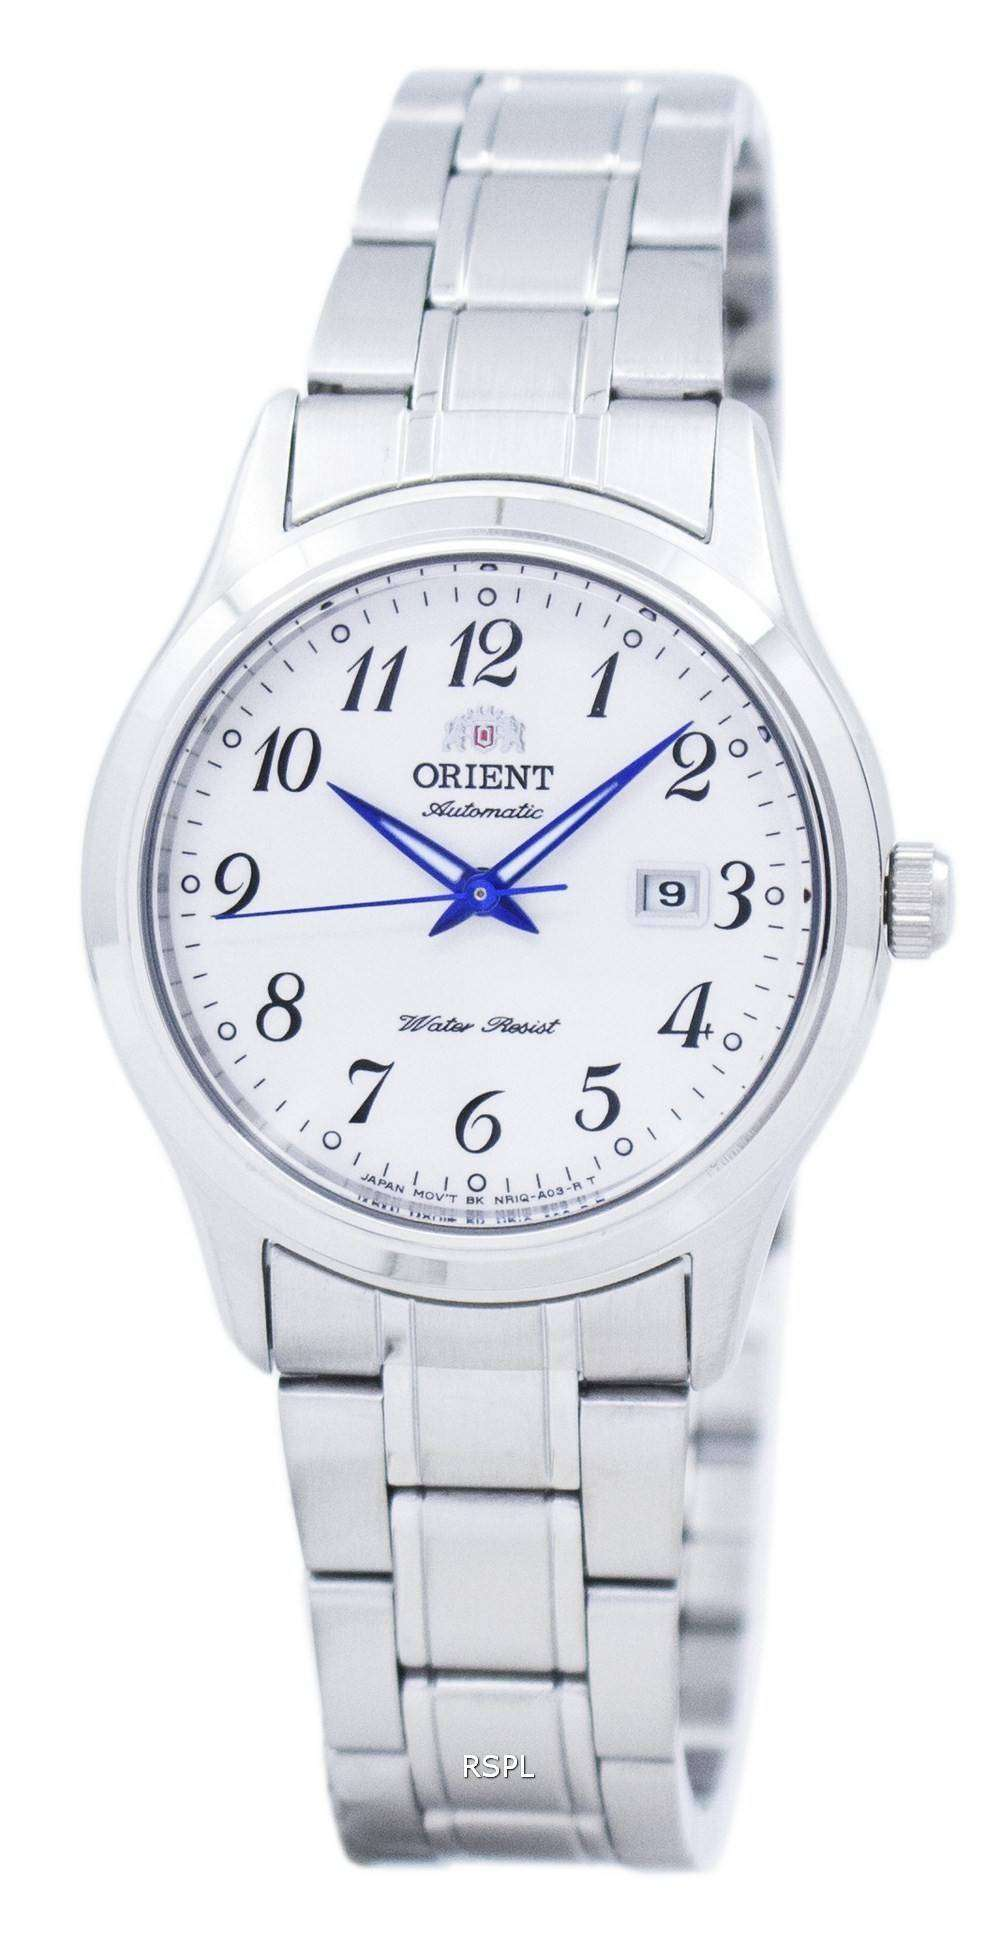 オリエント シャーリーン クラシック自動 NR1Q00AW レディース腕時計